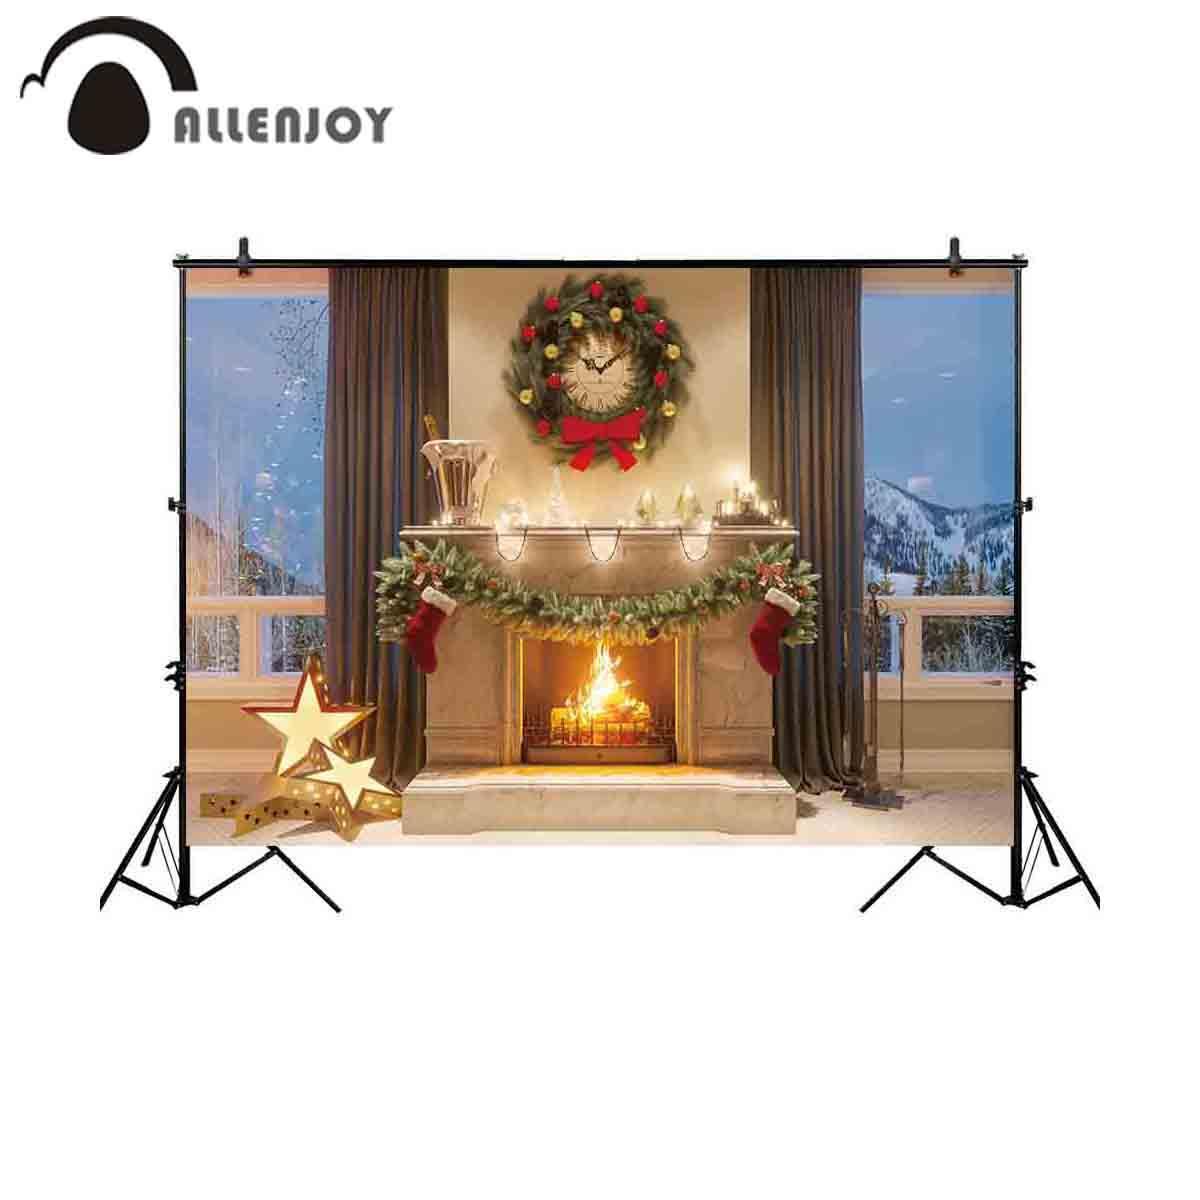 الجملة خلفية للصور الاستوديو عيد الميلاد الموقد اكليلا على مدار الساعة الشتاء نافذة التصوير خلفية صورة المتصل التقطت الصور